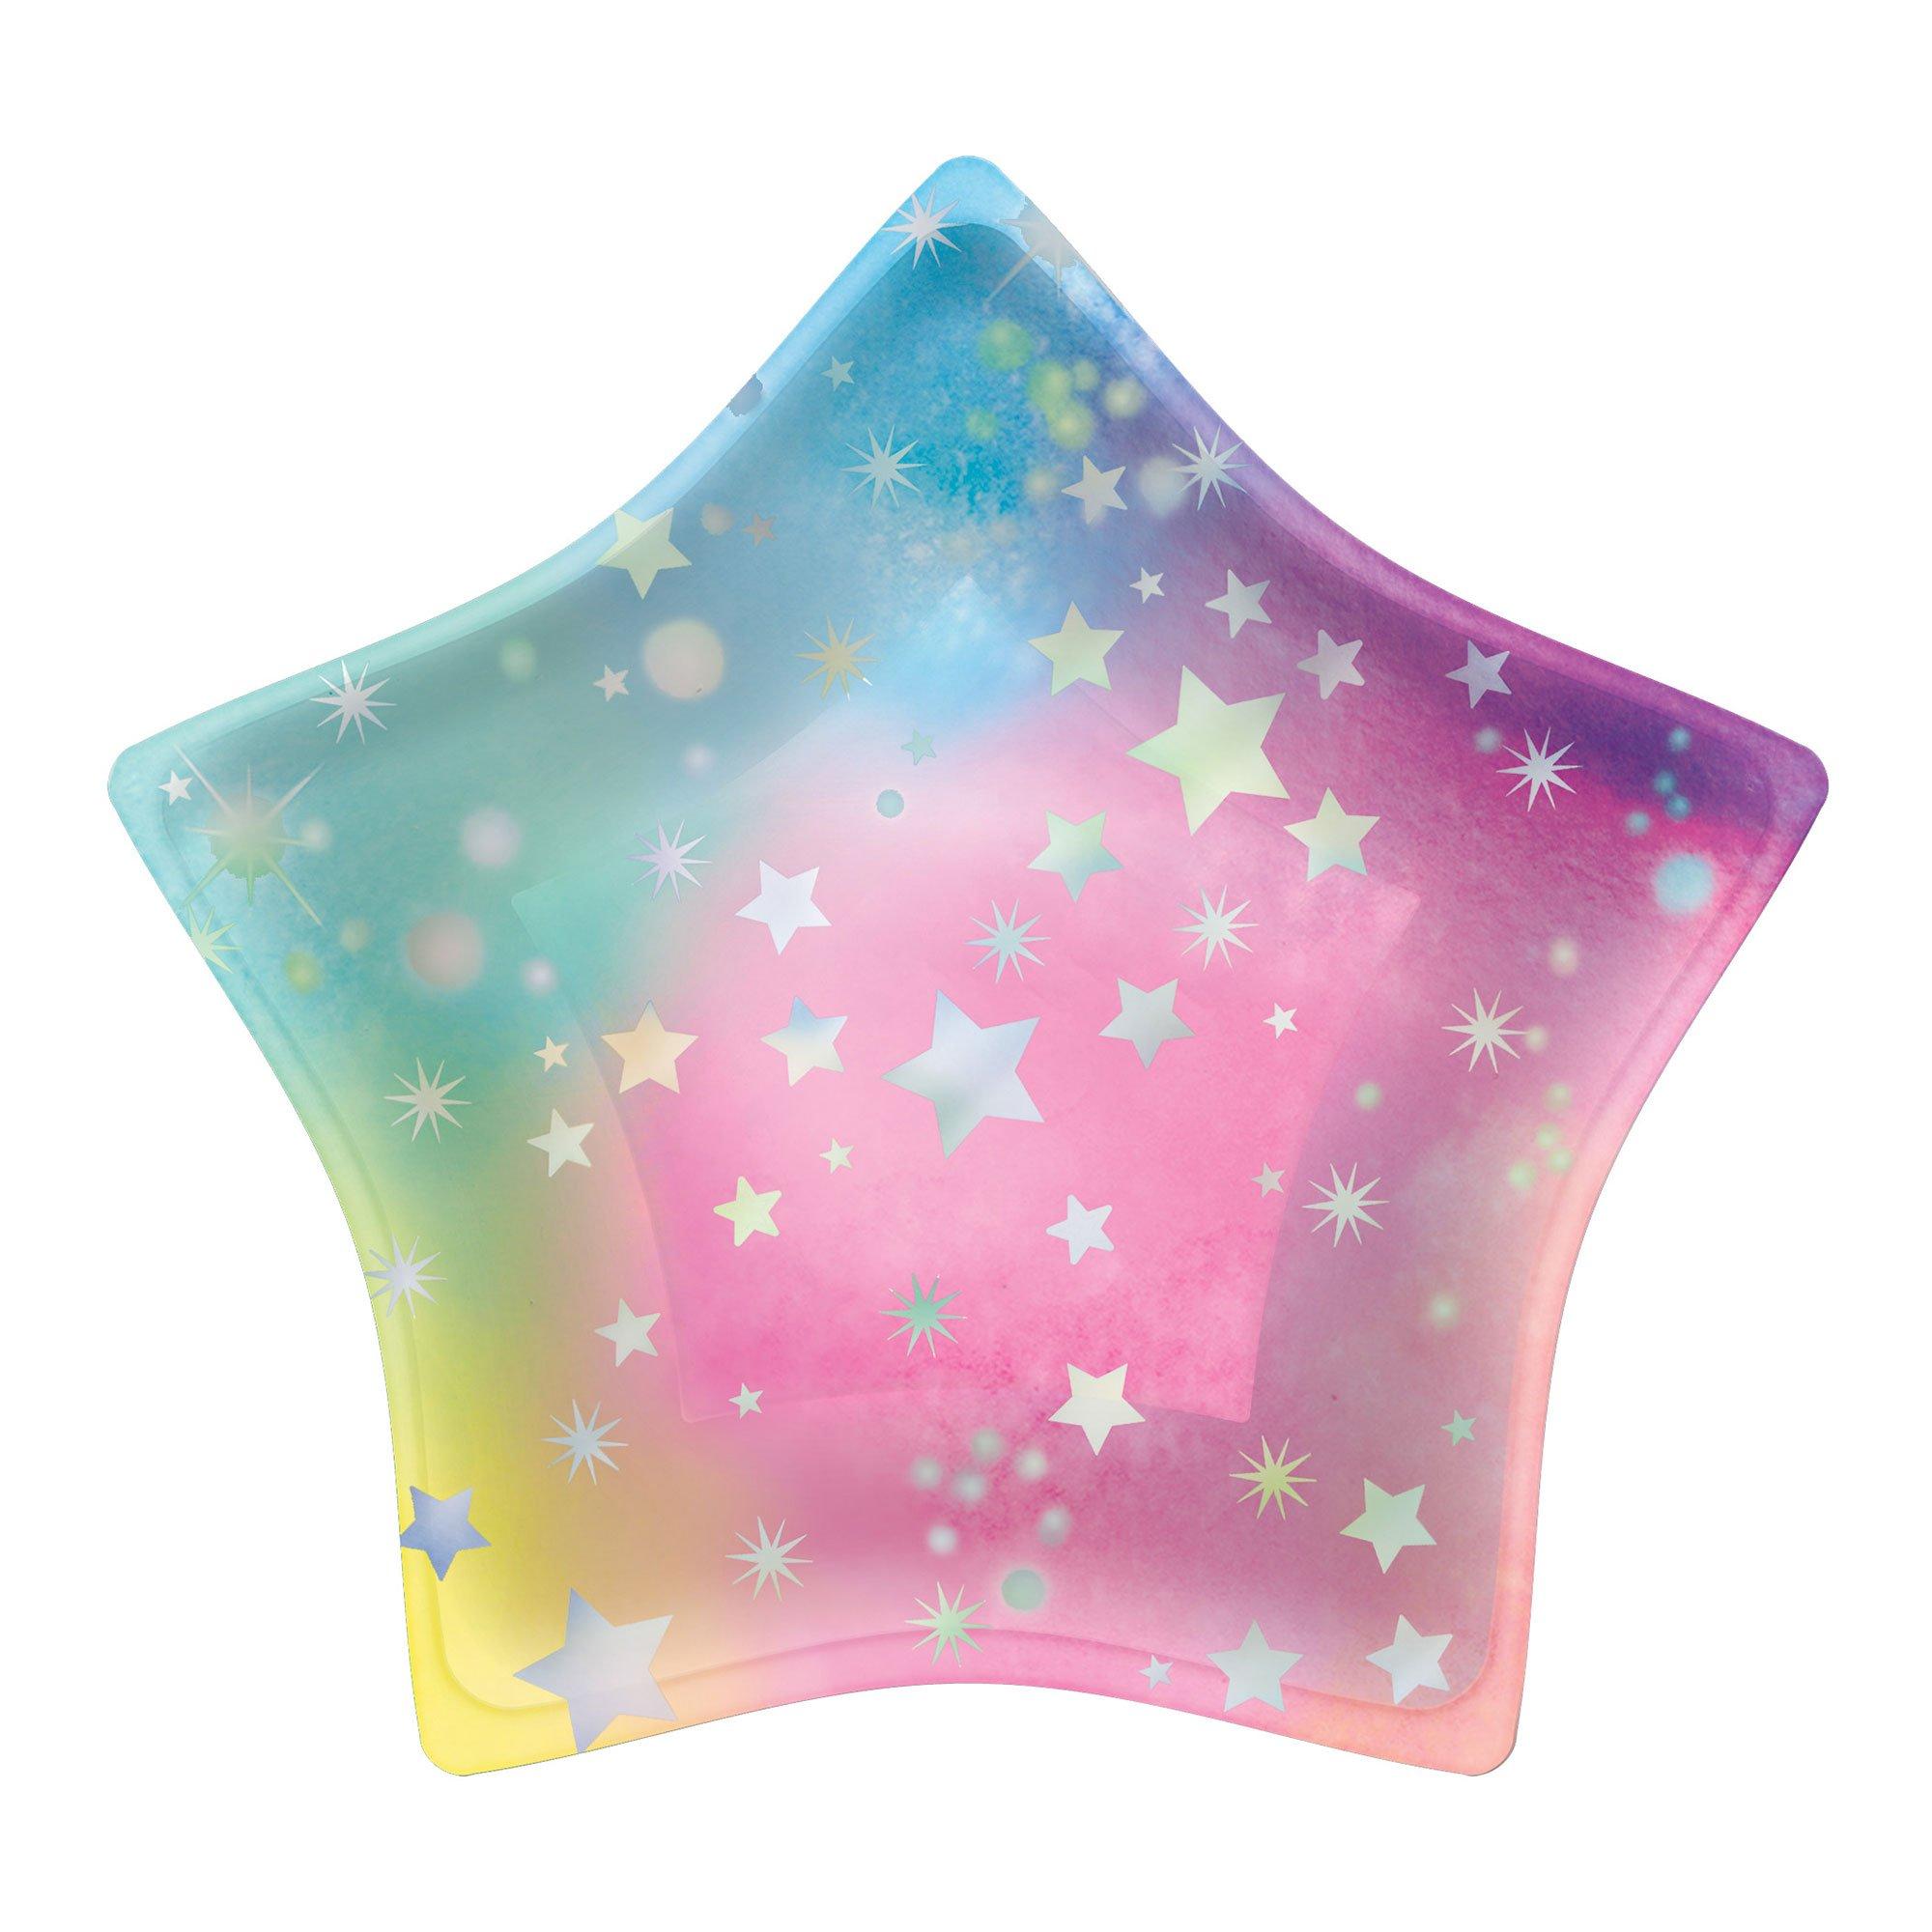 """""""Luminous Birthday Iridescent 8"""""""" / 20cm Star Shaped Paper Plates"""